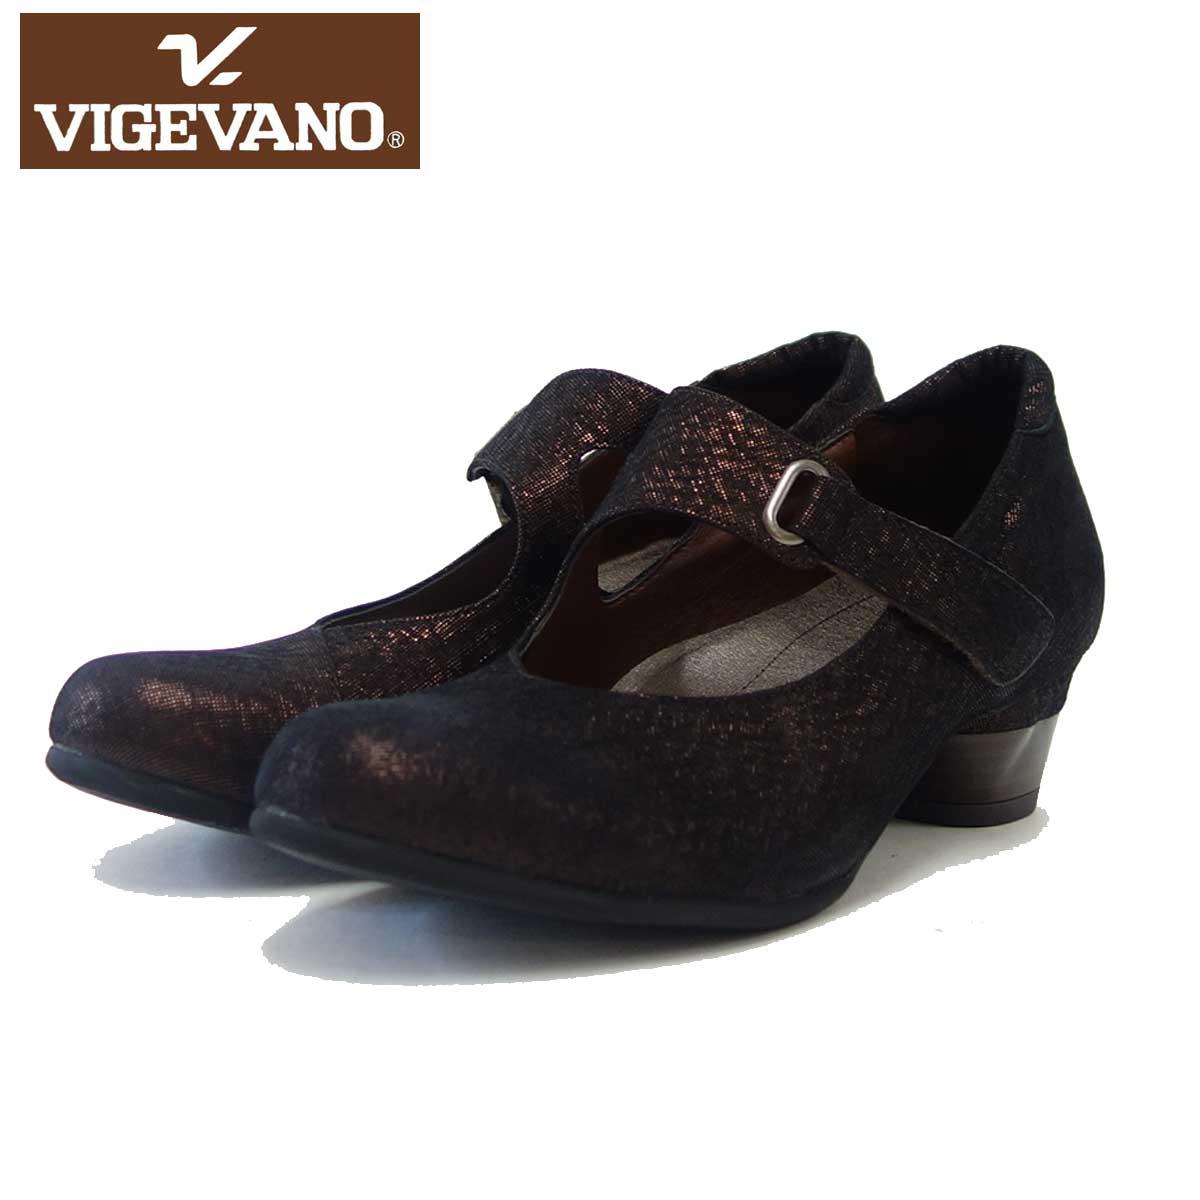 ビジェバノ VIGEVANO 7560 ブロンズ スエード(日本製)ゆったりEEEE ストラップパンプス「靴」